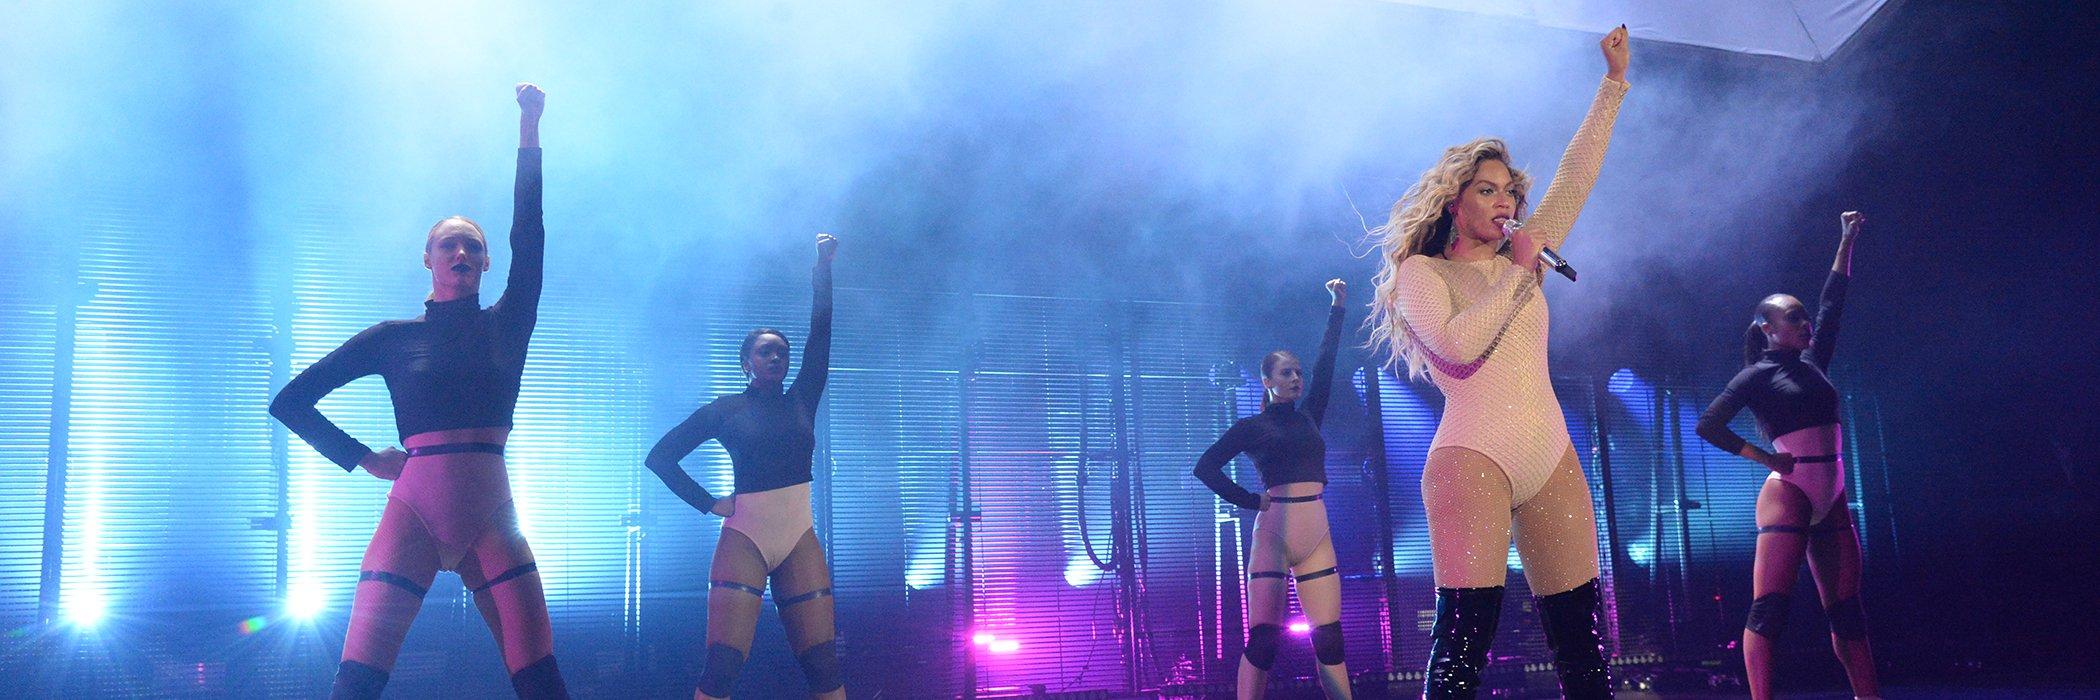 Beyonce-Festival.jpg